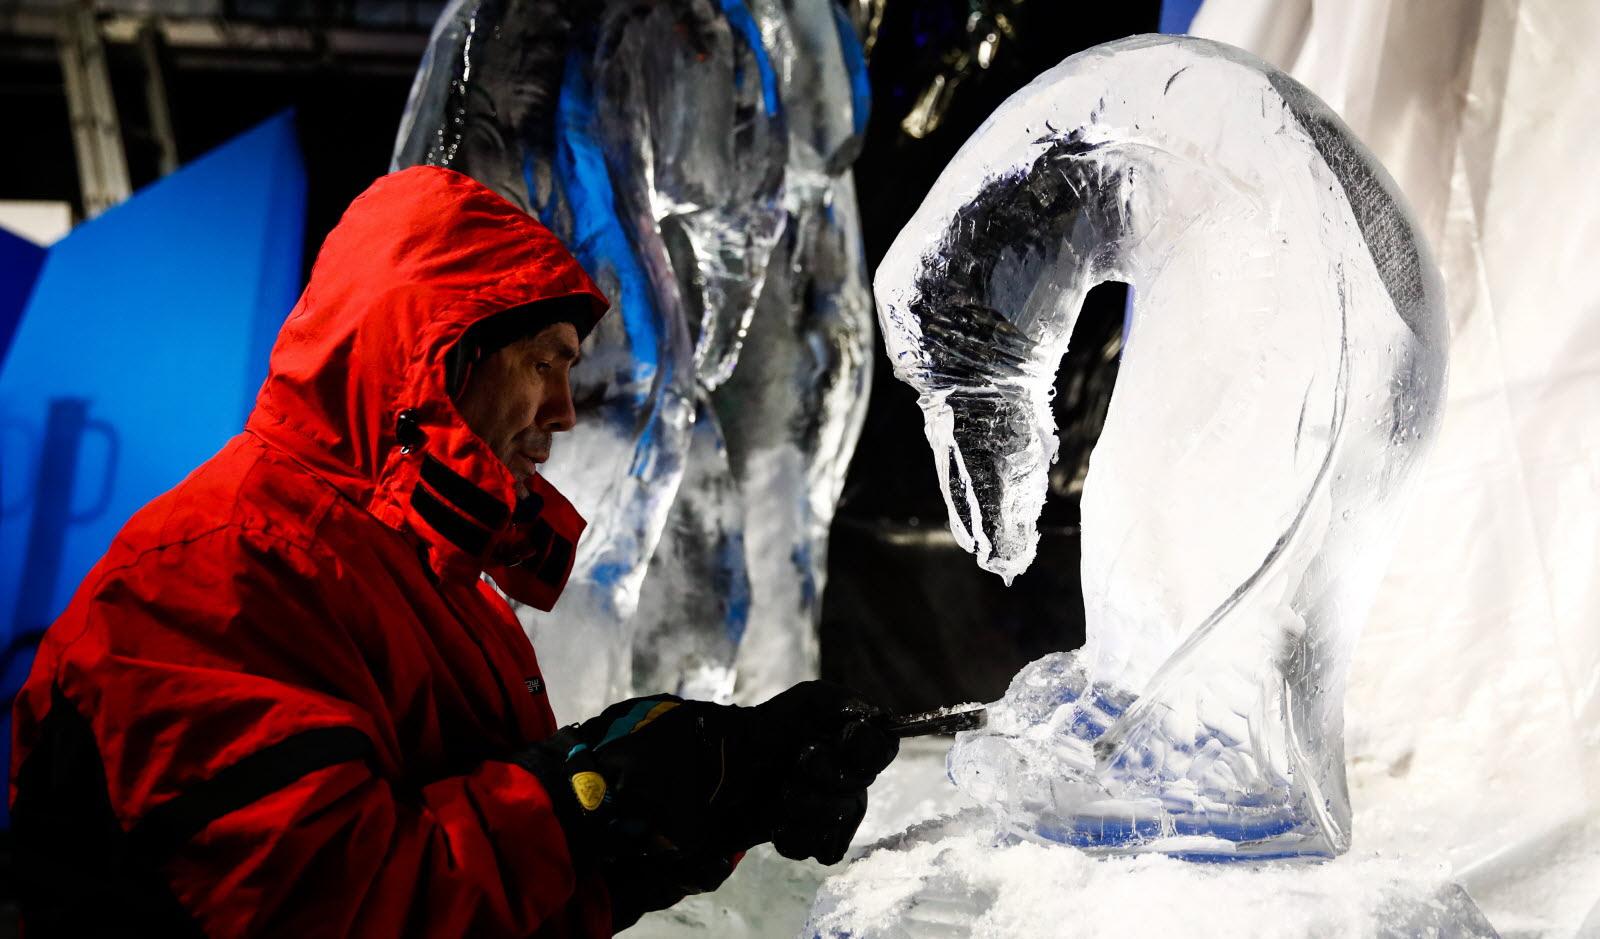 •Des manchots, des esquimaux, des chouettes de neige naîtront des blocs de glace sculptés par l'artiste de renom international Henry-Patrick Stein. Présent à chaque date, il créera en direct des sculptures monumentales et partagera son art.